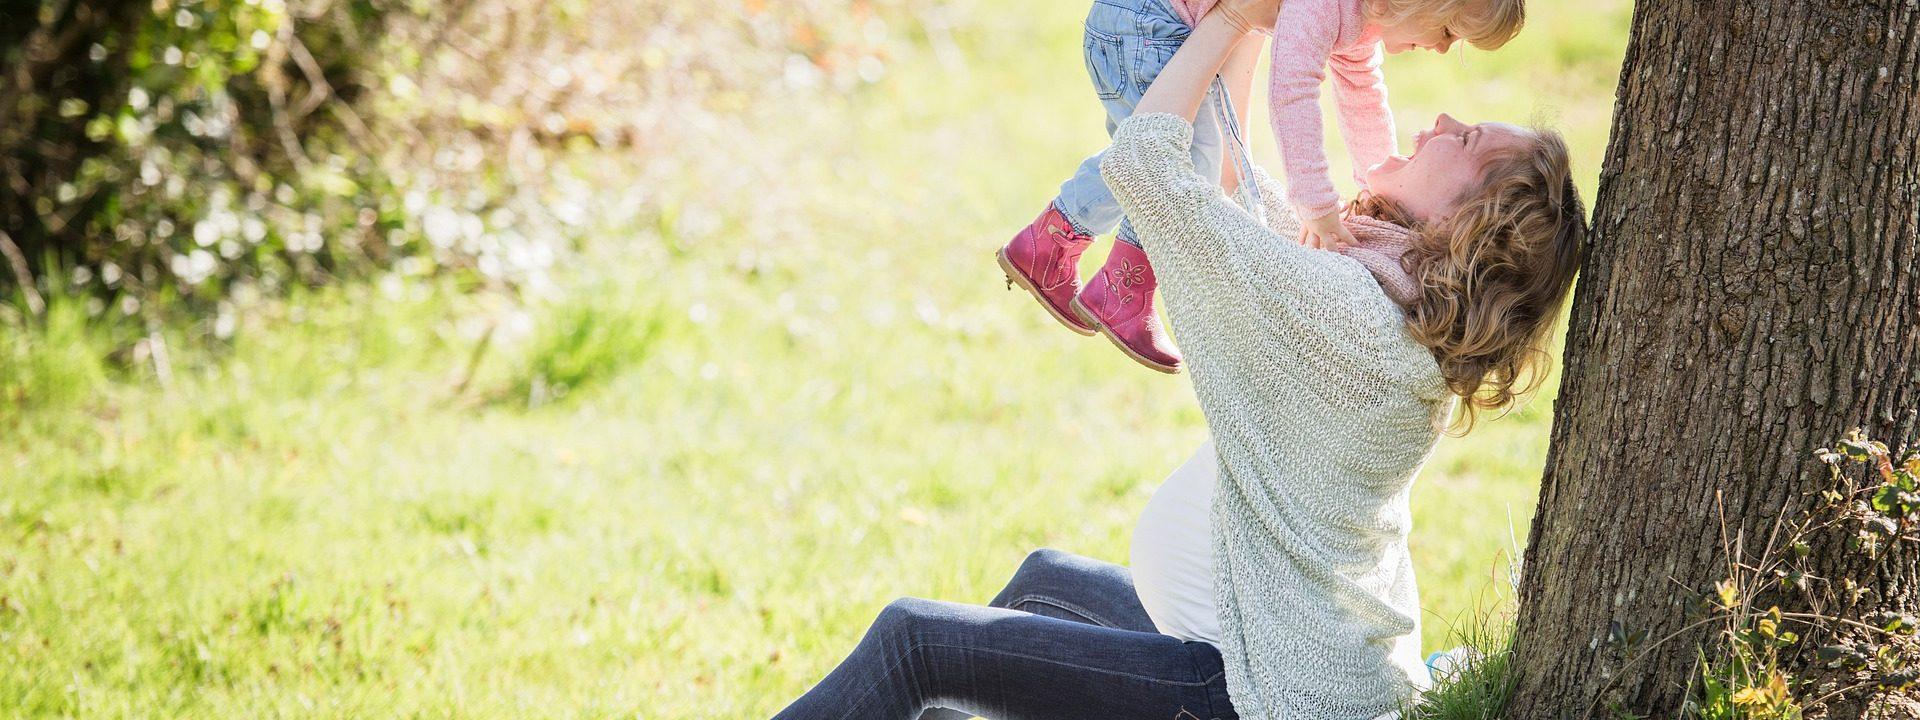 ¿Quién elige la adopción de embriones para ser madre?